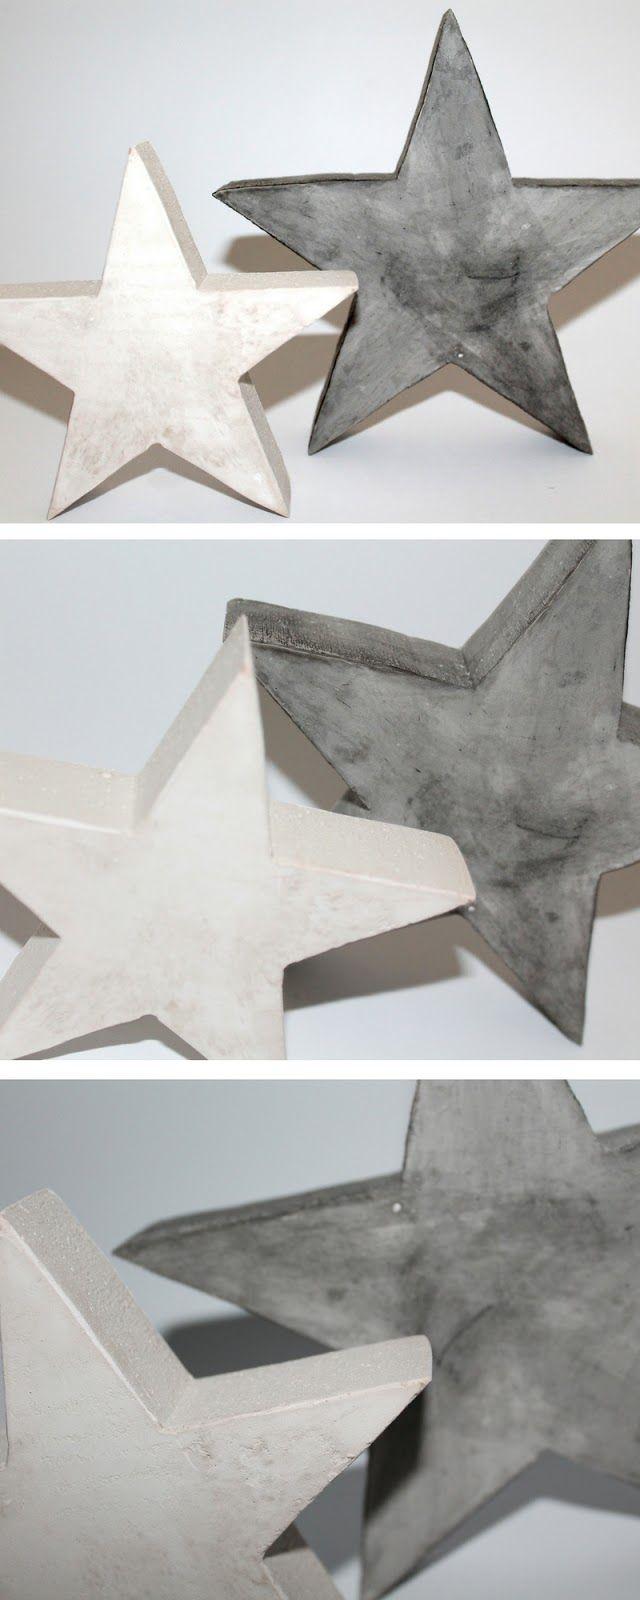 ☆ coole weihnachtsdekoration: diy gips / beton sterne selbst gießen